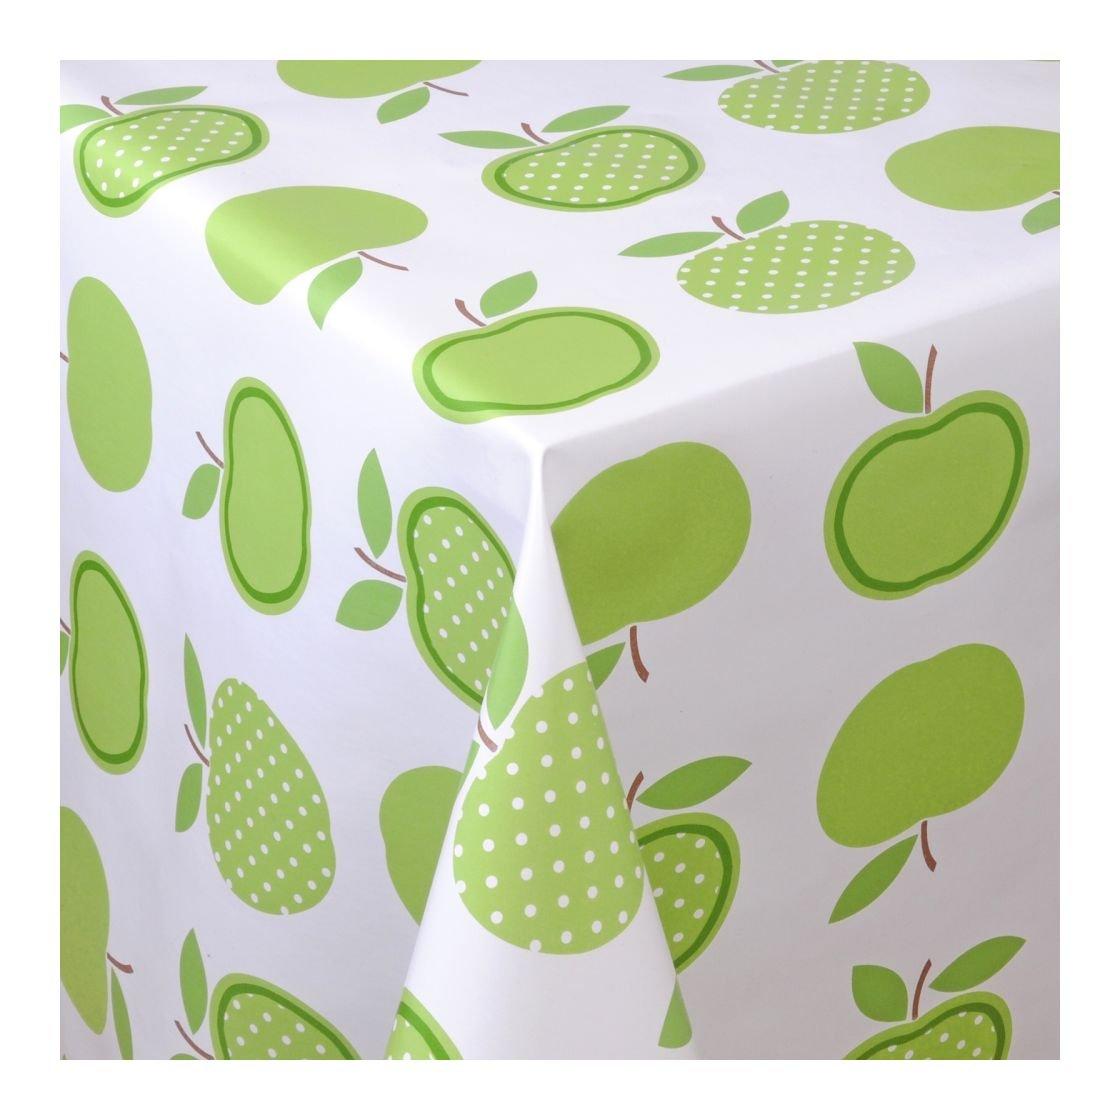 Wachstuch Tischdecke Wachstischdecke Gartentischdecke, Abwaschbar Meterware, Länge wählbar, 'Green Apples' Äpfel Grün Weiß (623-01)